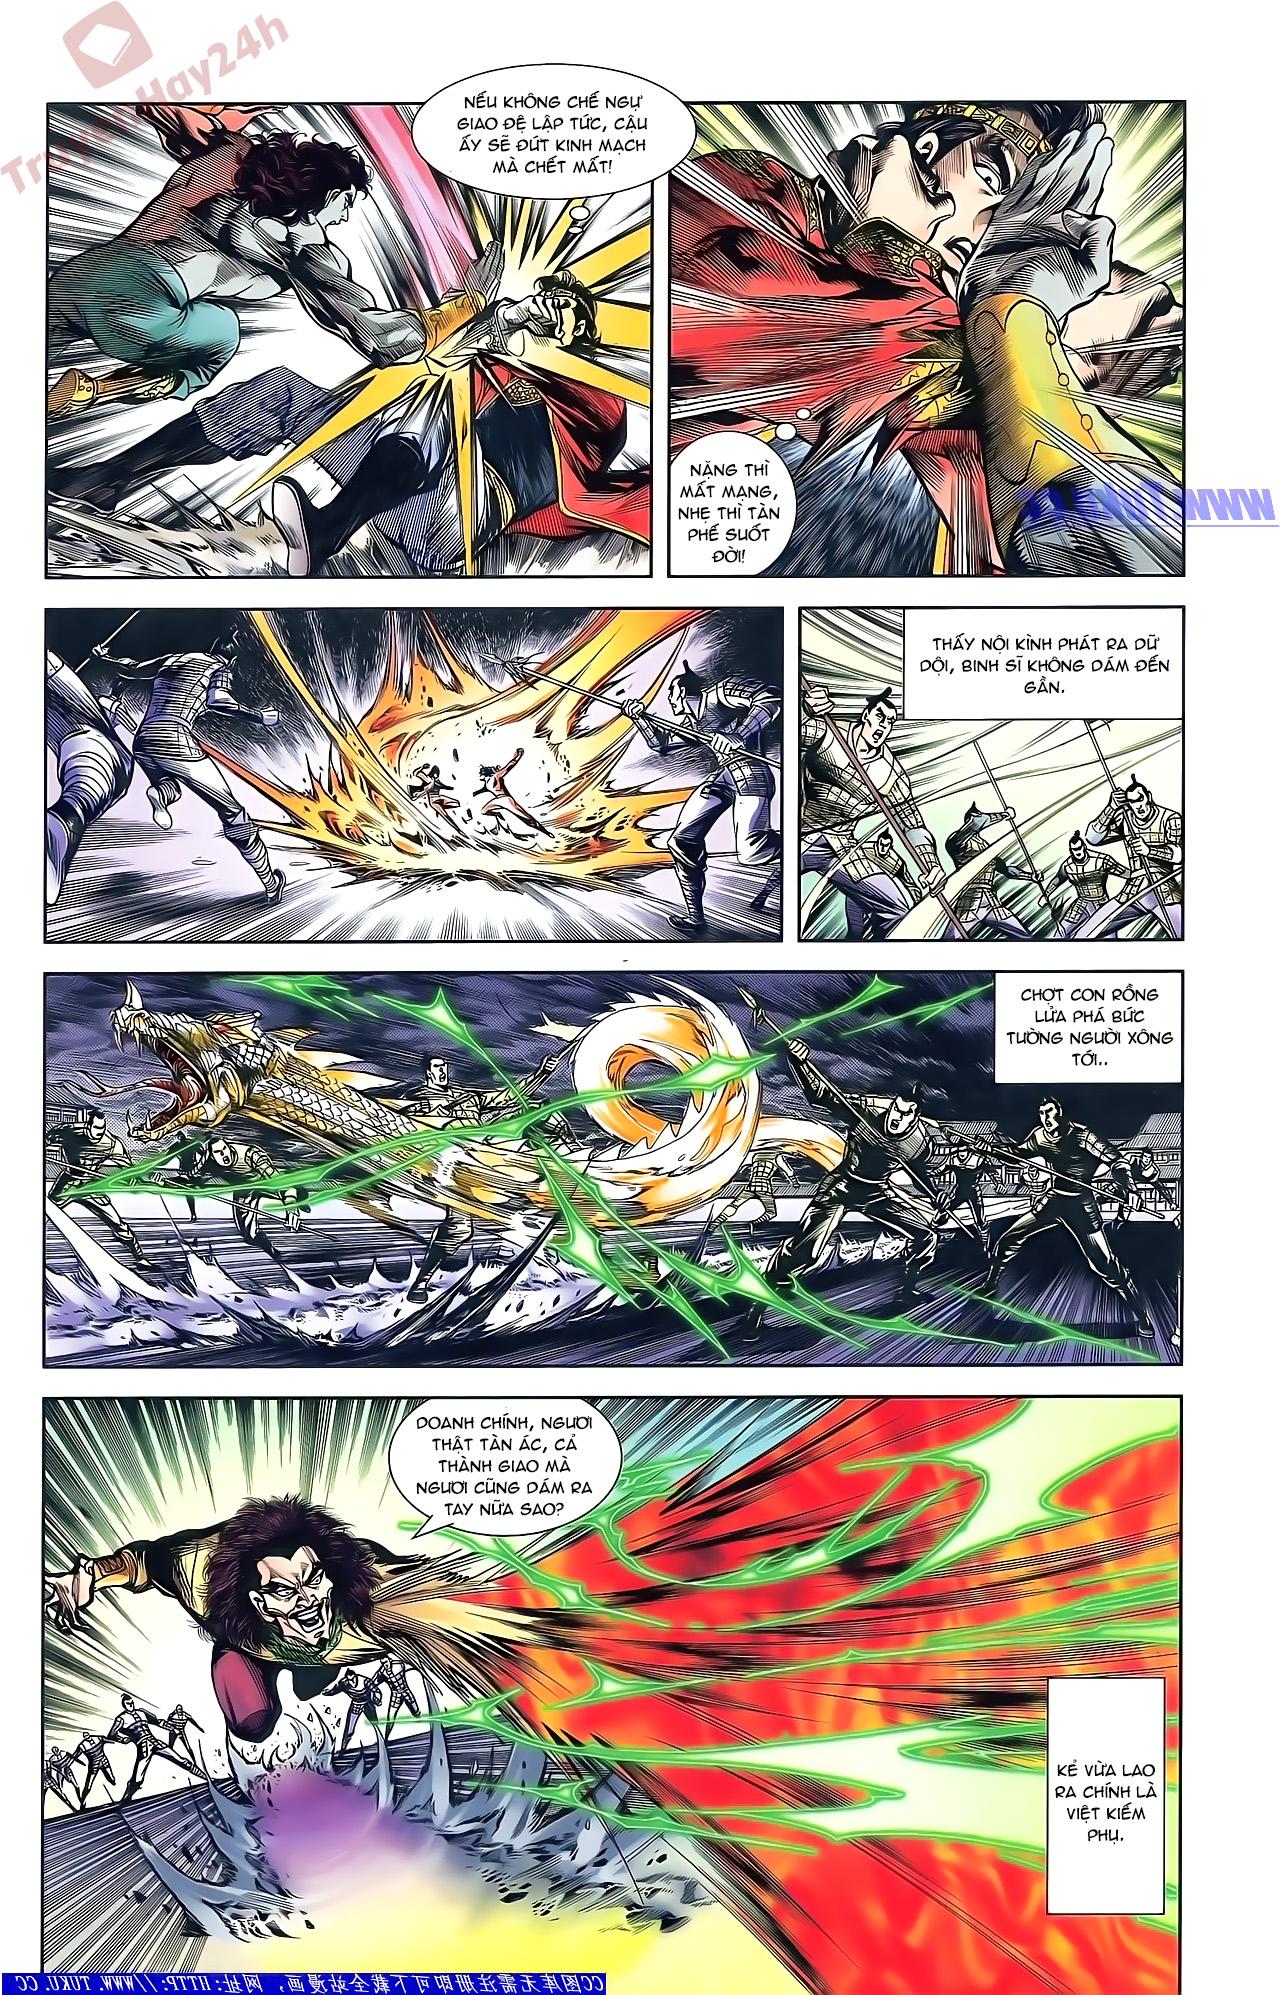 Tần Vương Doanh Chính chapter 51 trang 4